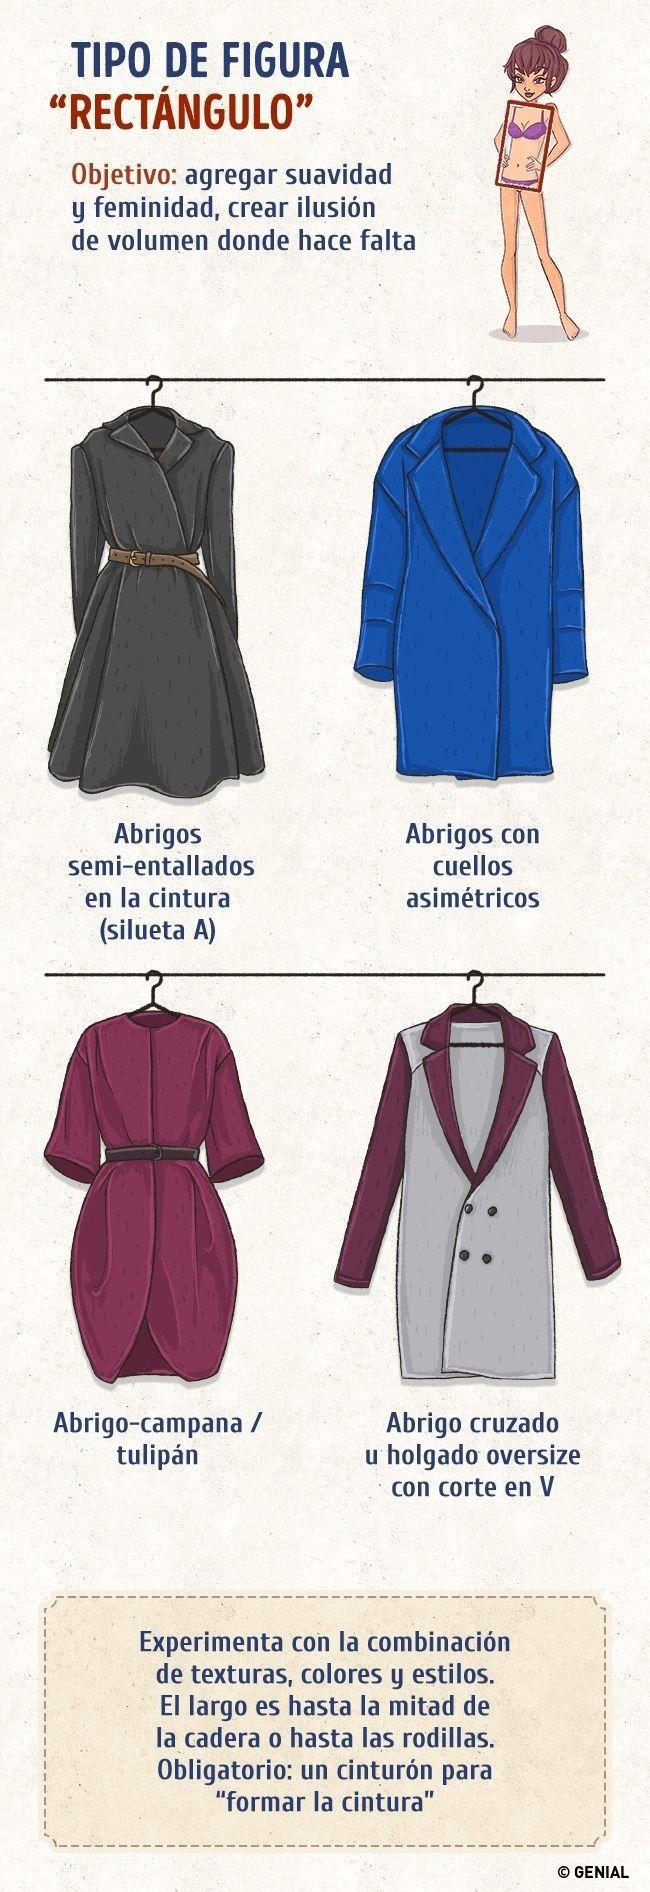 Esta guía te ayudará a elegir el abrigo perfecto para tu figura